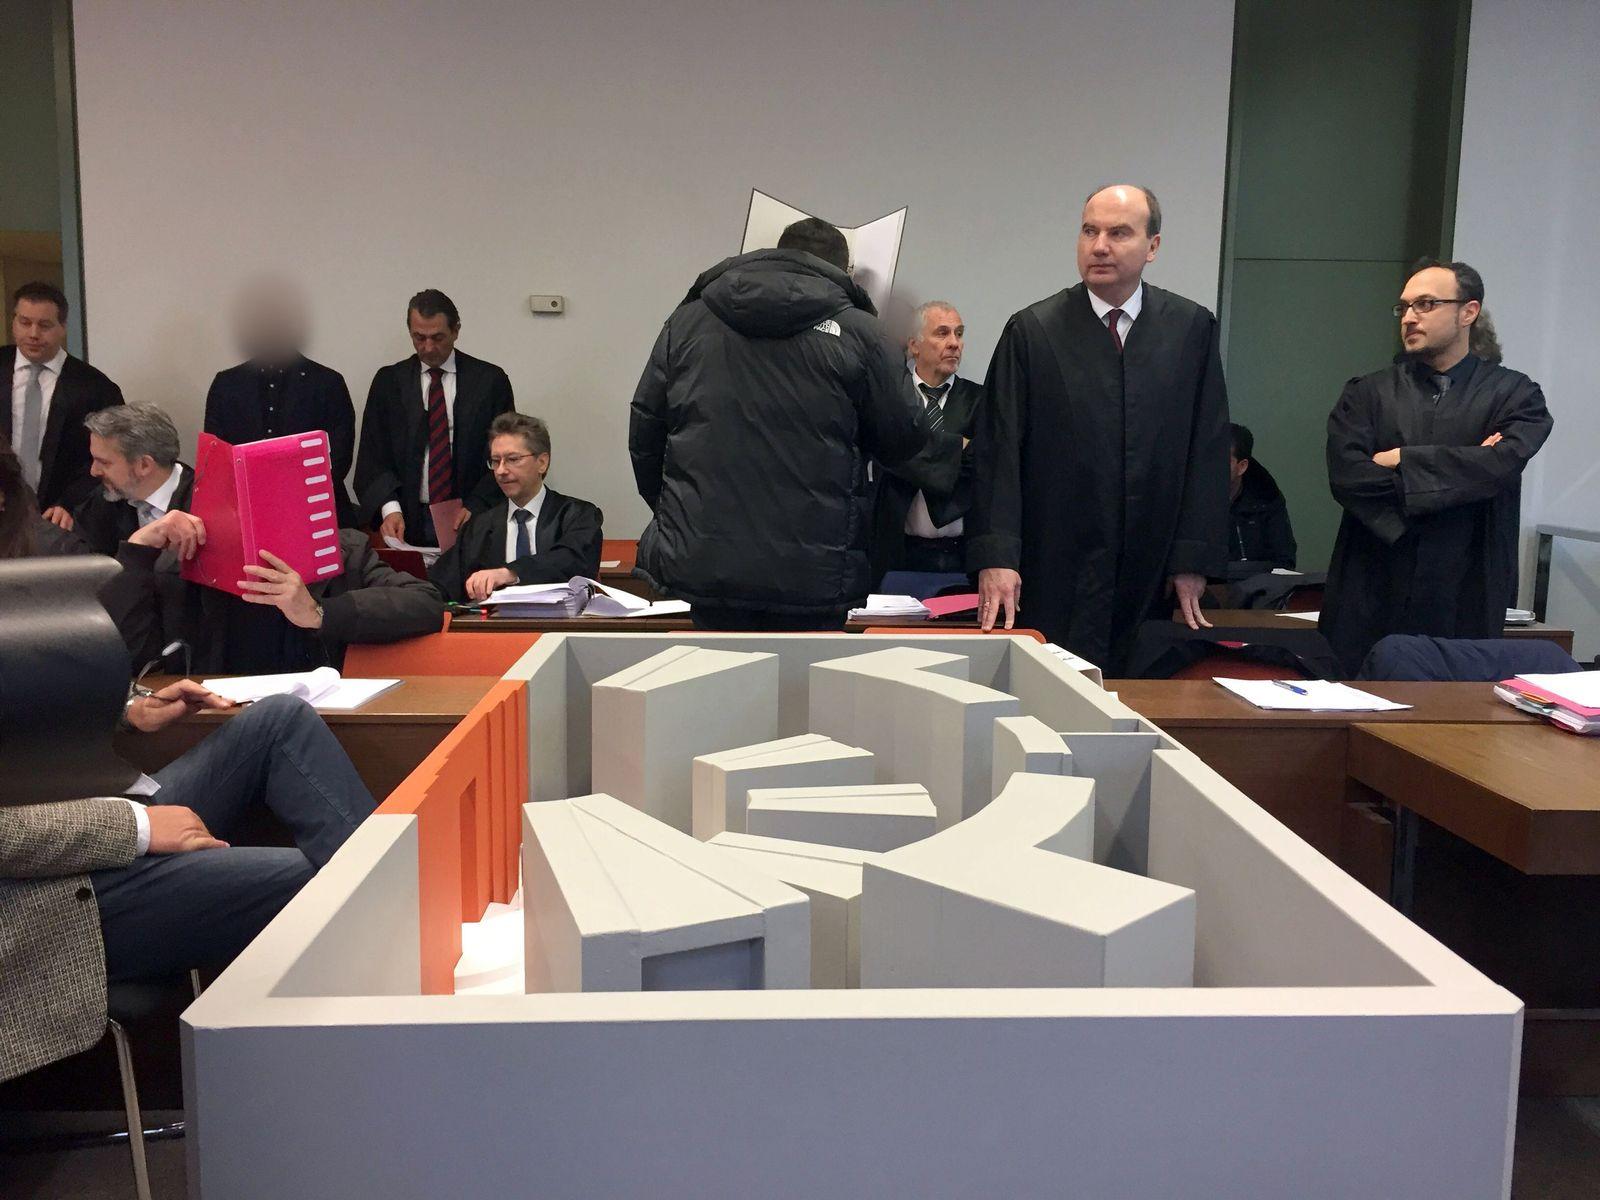 4,6 Millionen aus Schließfächern gestohlen - Prozess in München